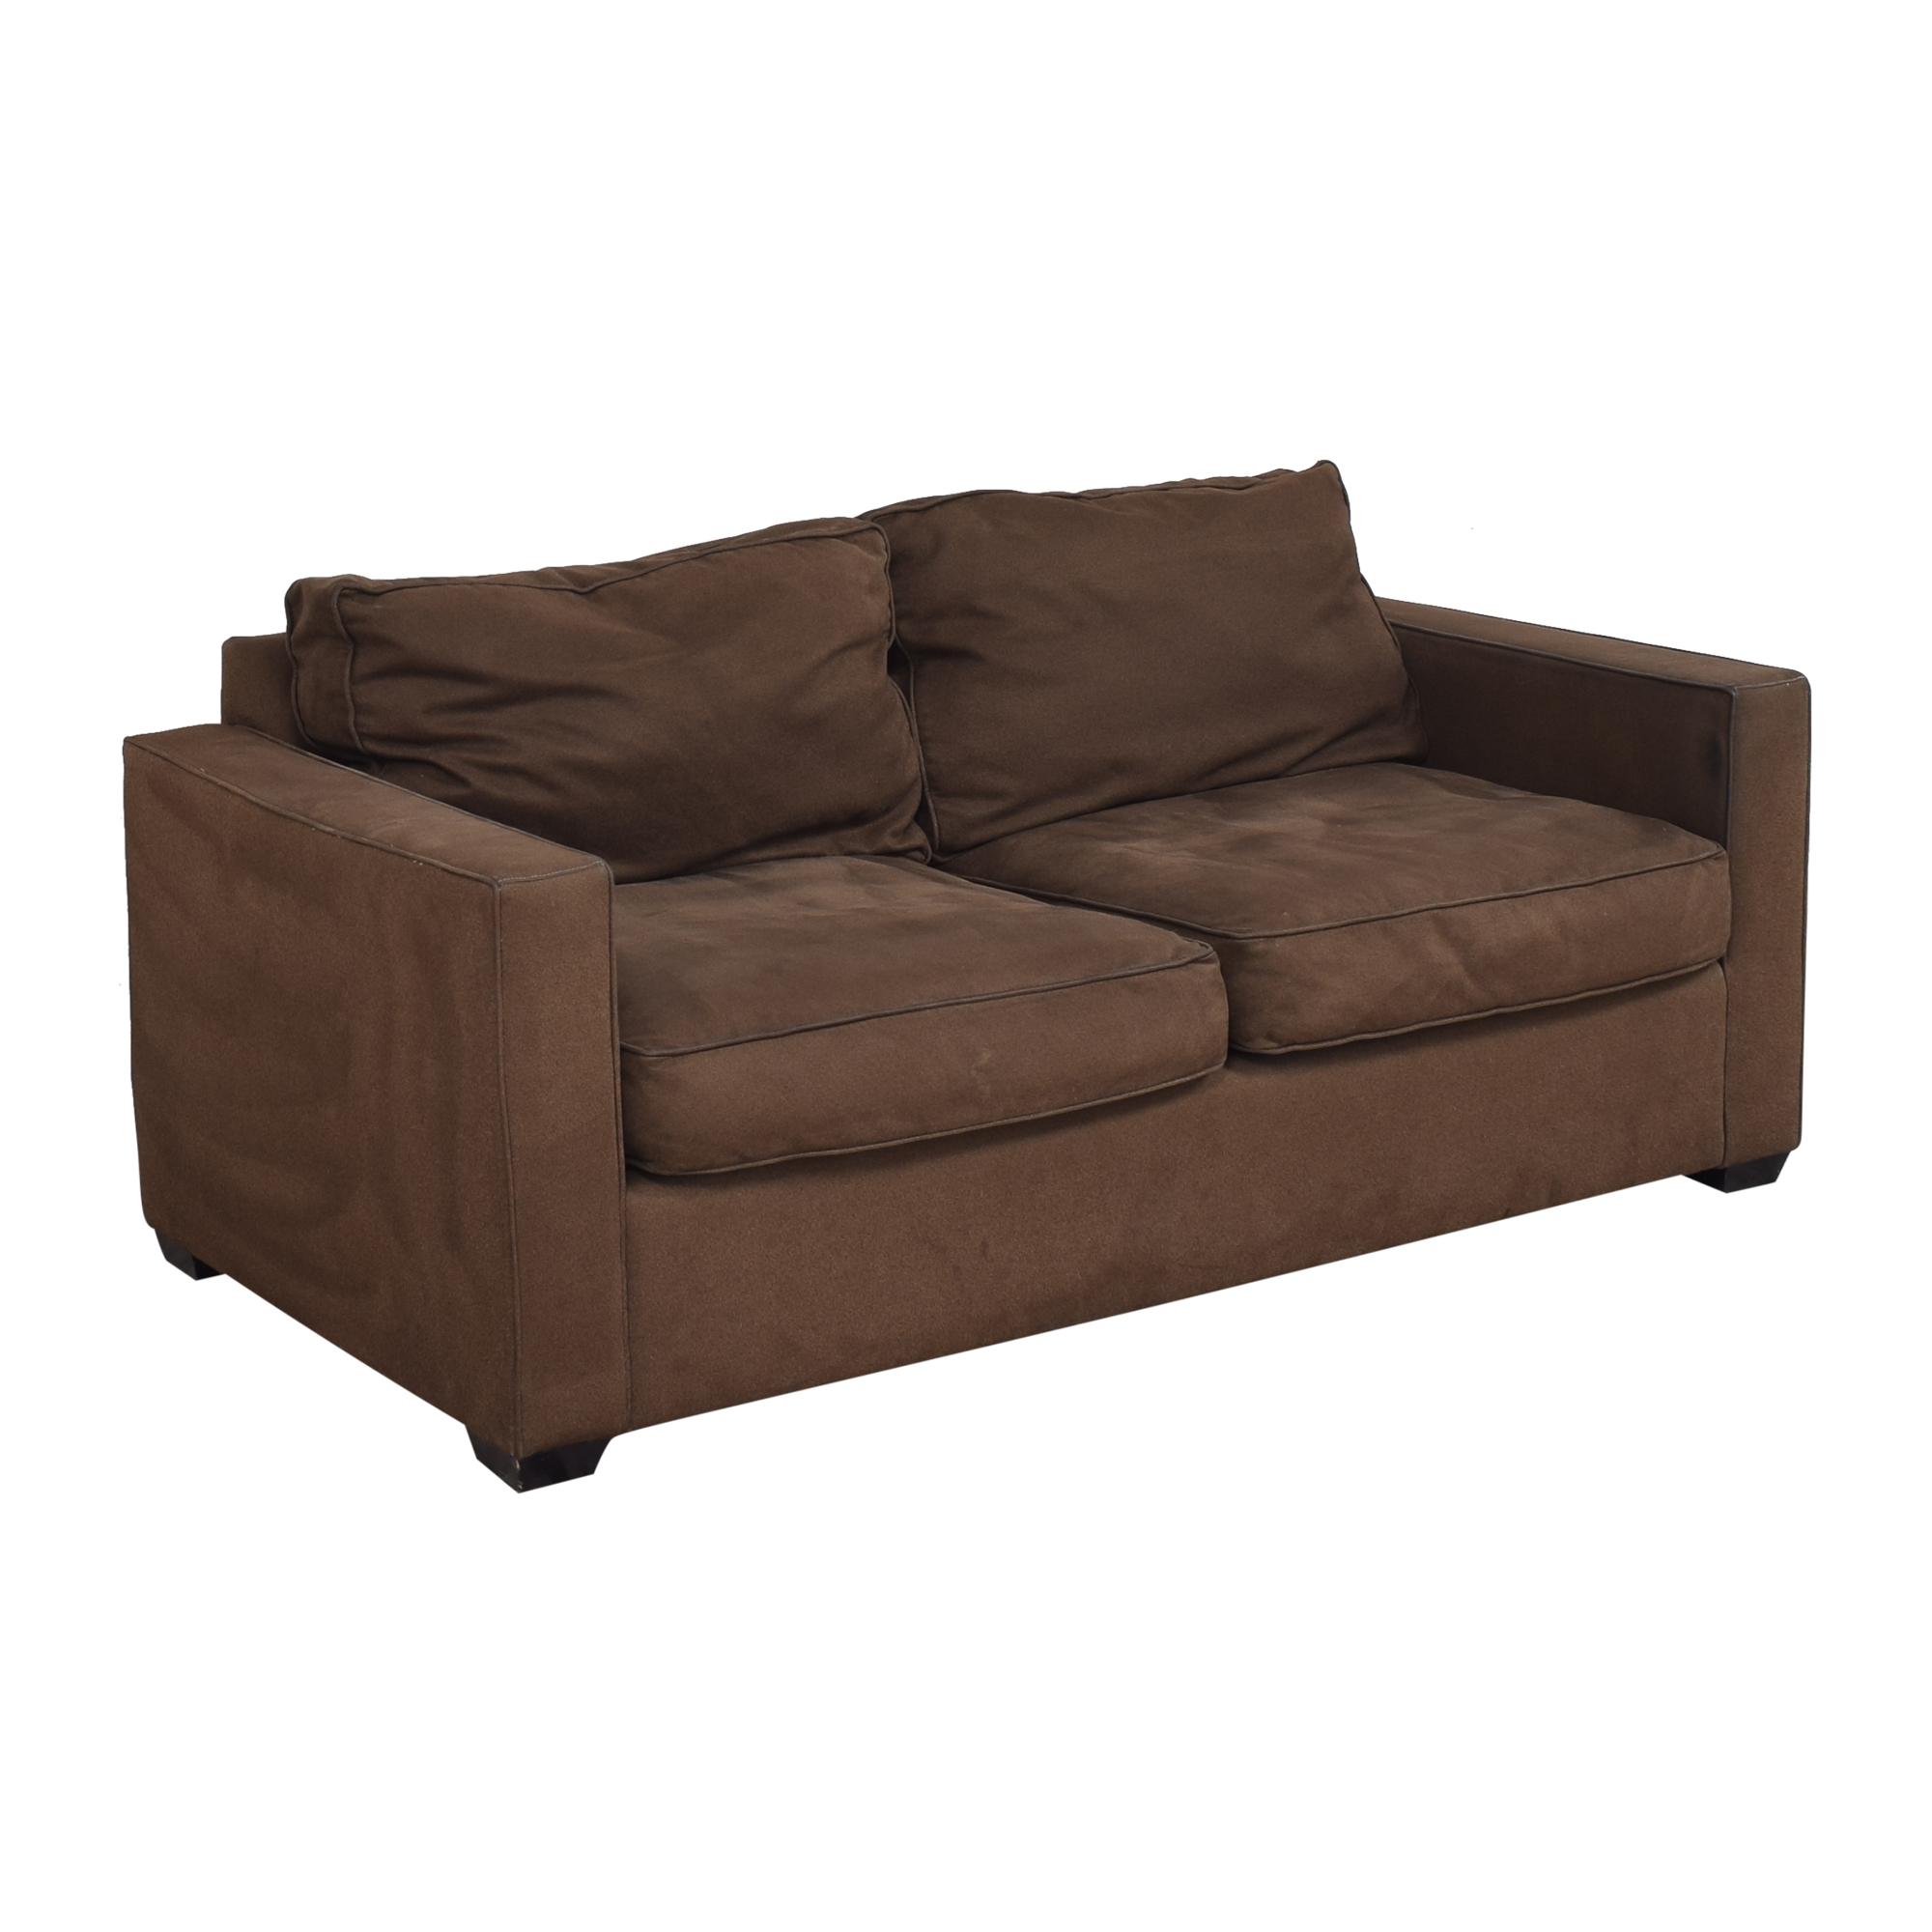 Room & Board Room & Board York Two Cushion Sofa nj